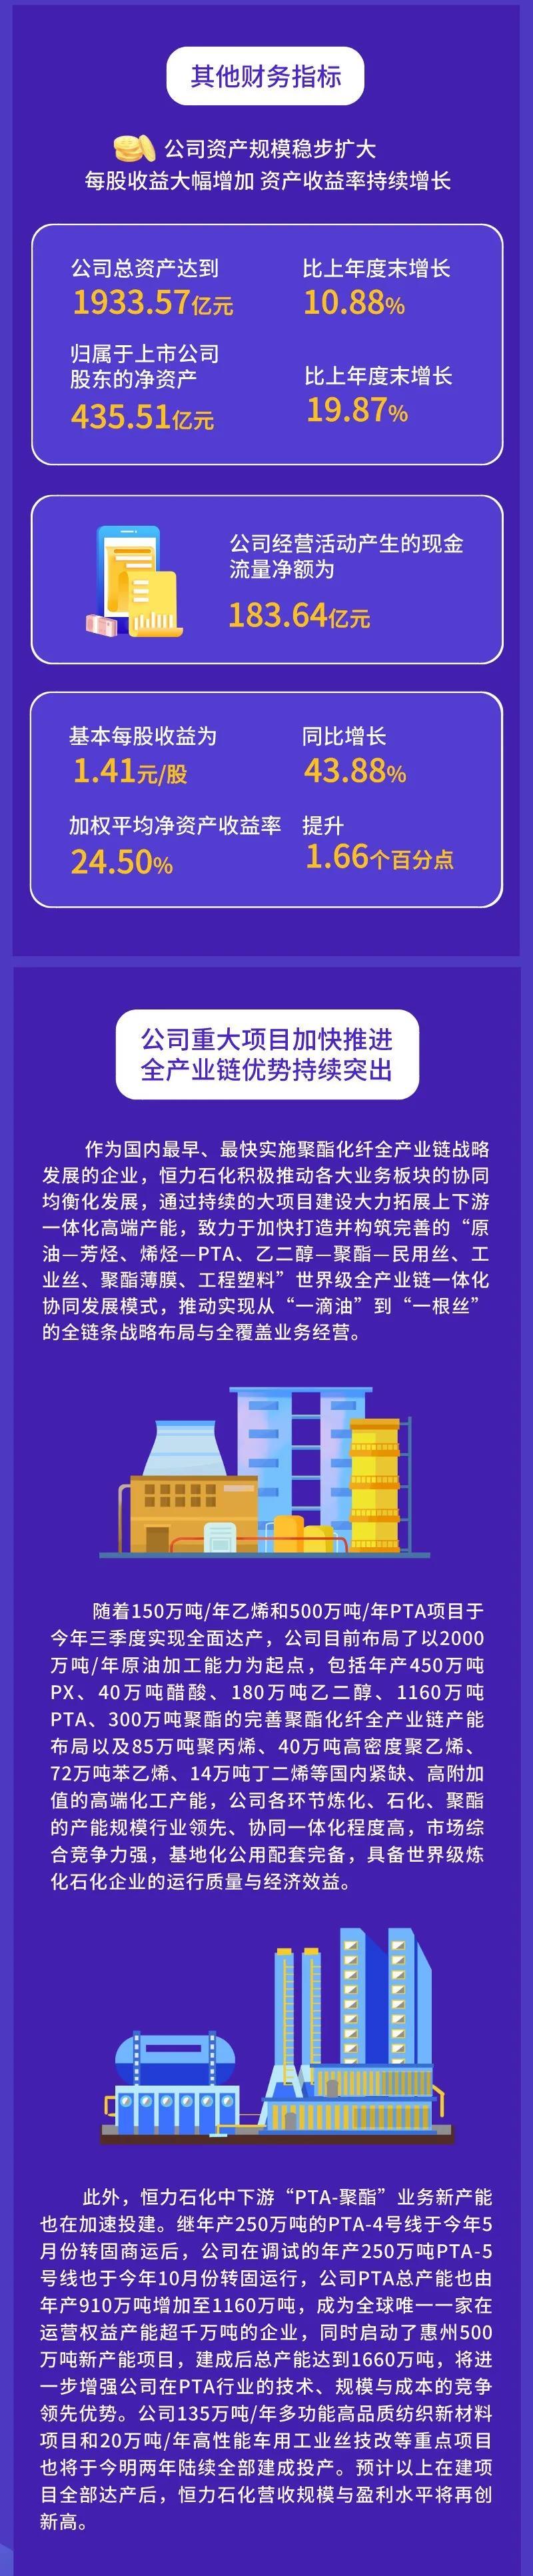 恒力石化董秘李峰: 公司PTA业务 行业最强